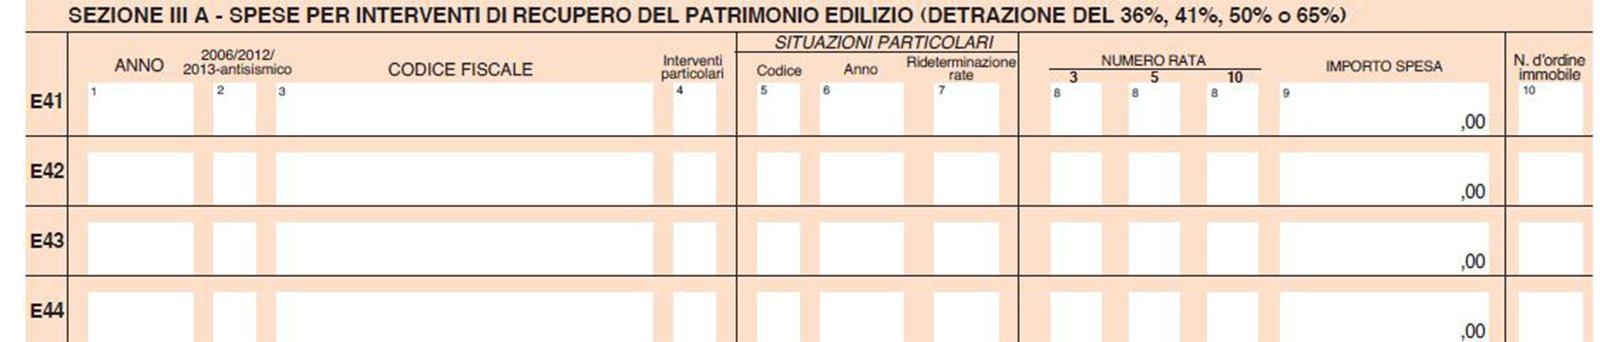 730 2014 mini guida sulla detrazione del 50 cose di casa for Bonifico ristrutturazione